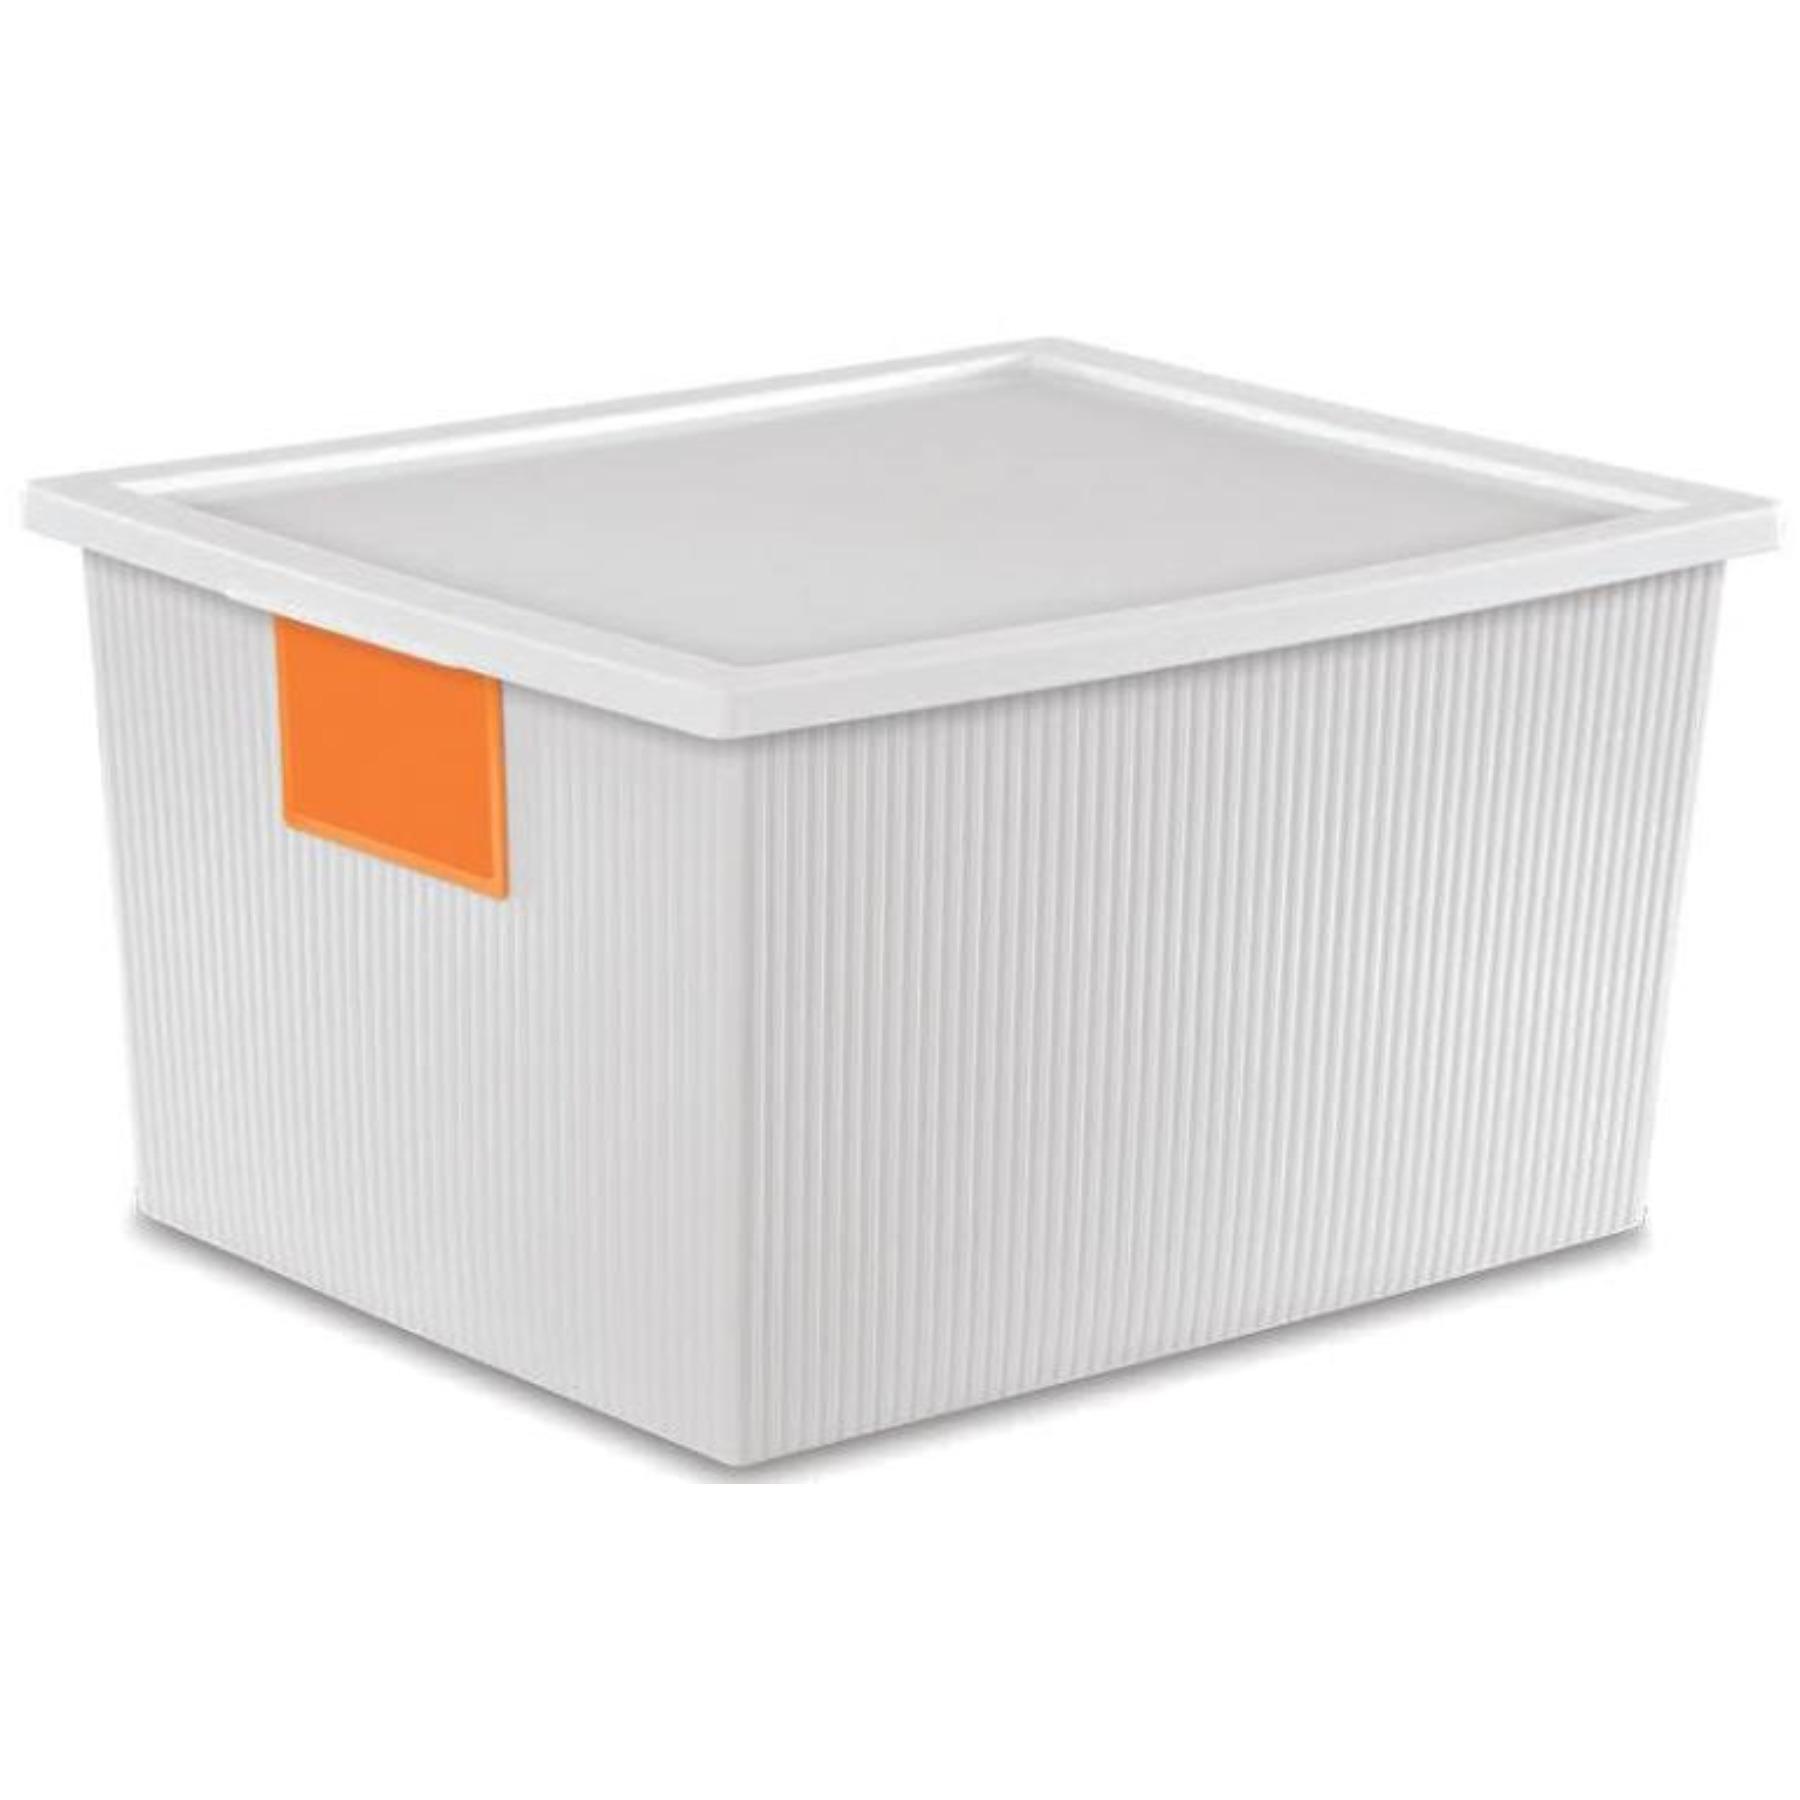 Only 4336 Sterilite 14338006 ID Storage Box 25 qt 16 12 in L x